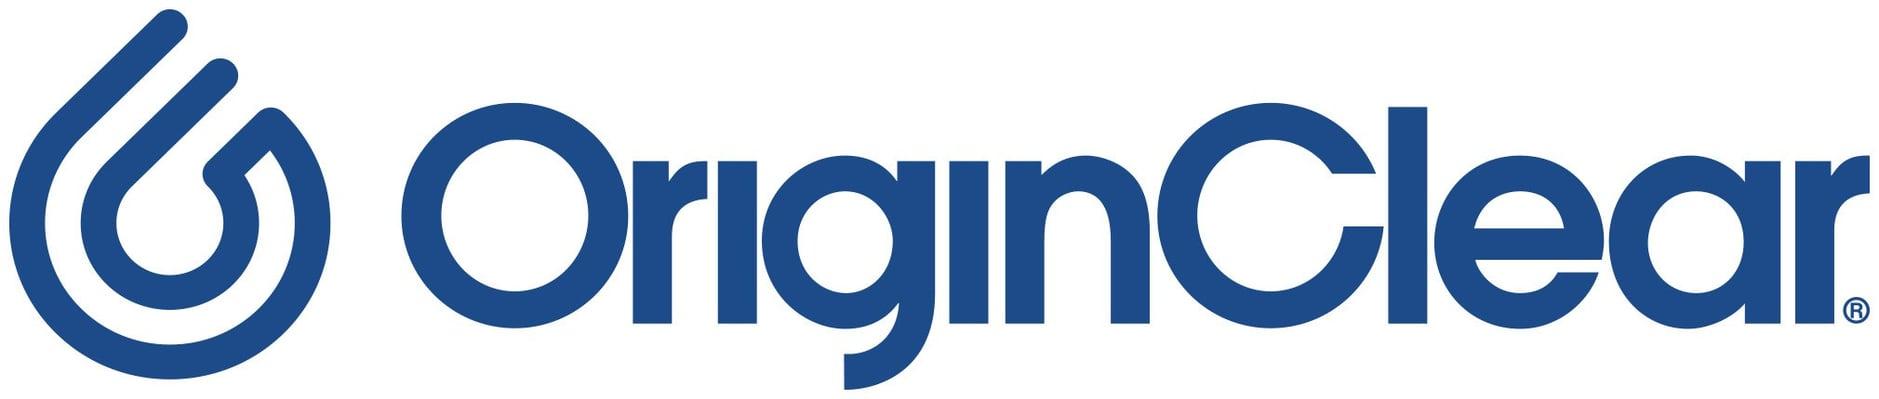 OriginClear